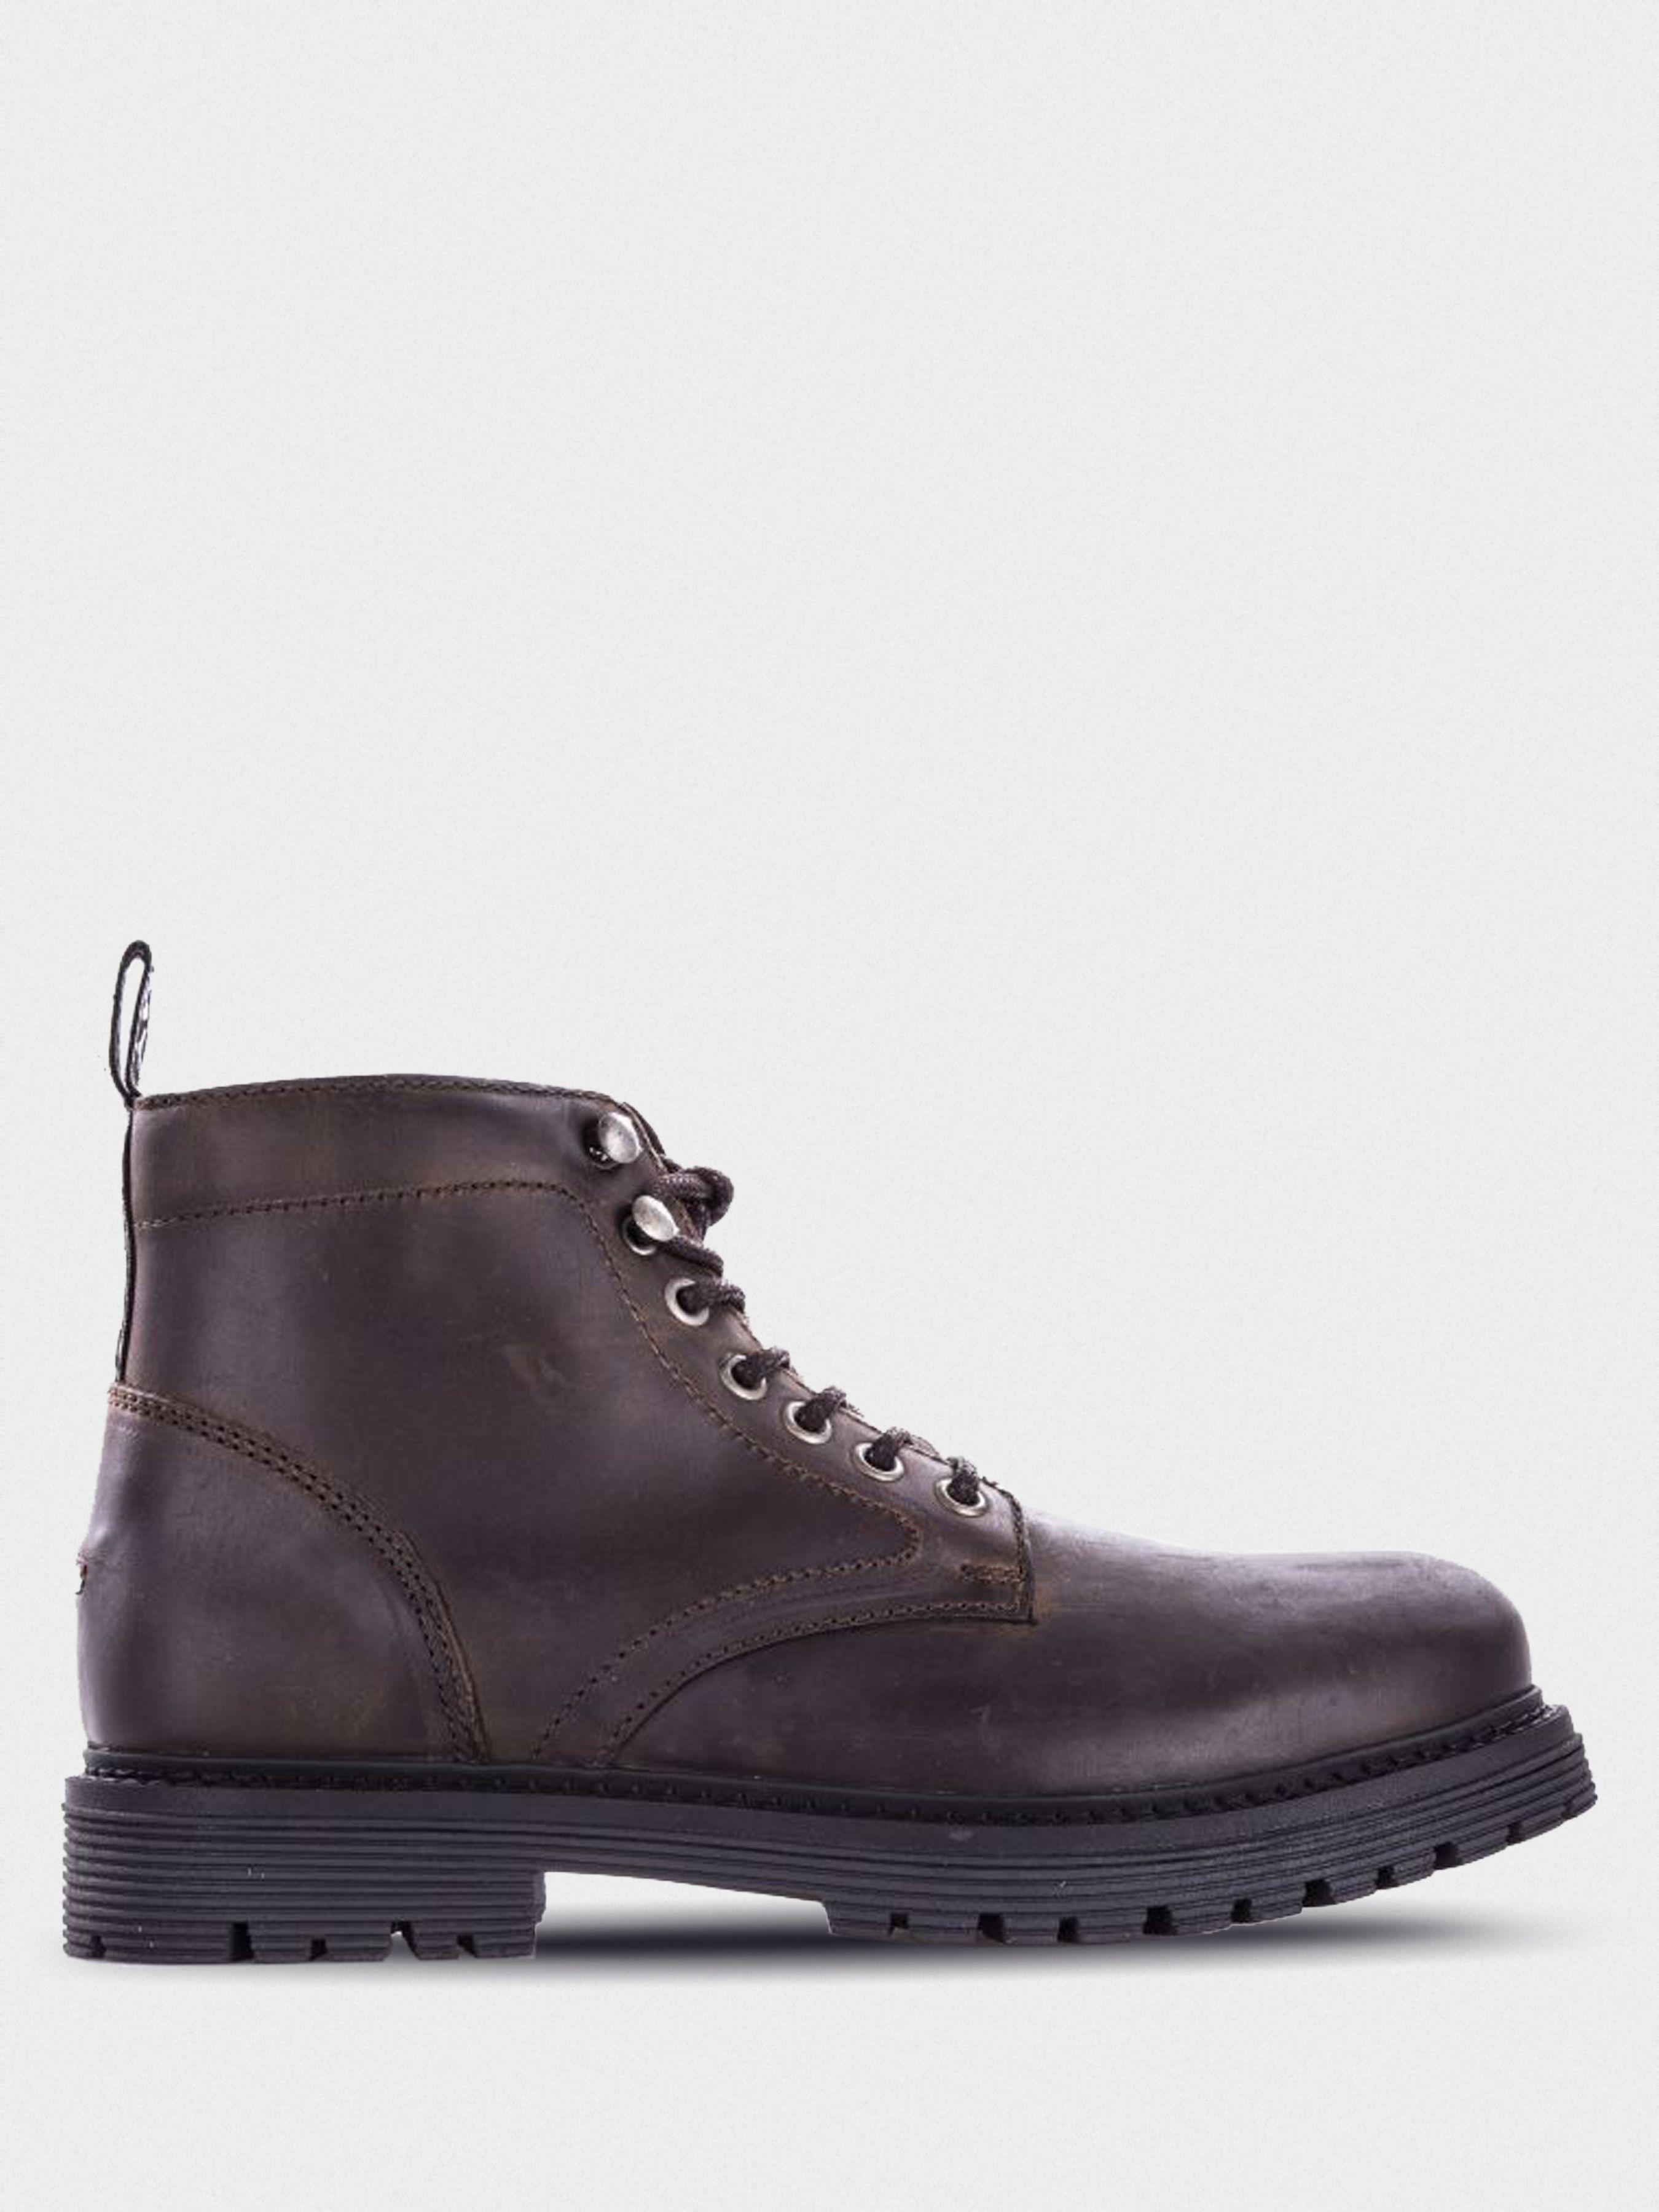 Купить Ботинки мужские Tommy Hilfiger TE790, Коричневый